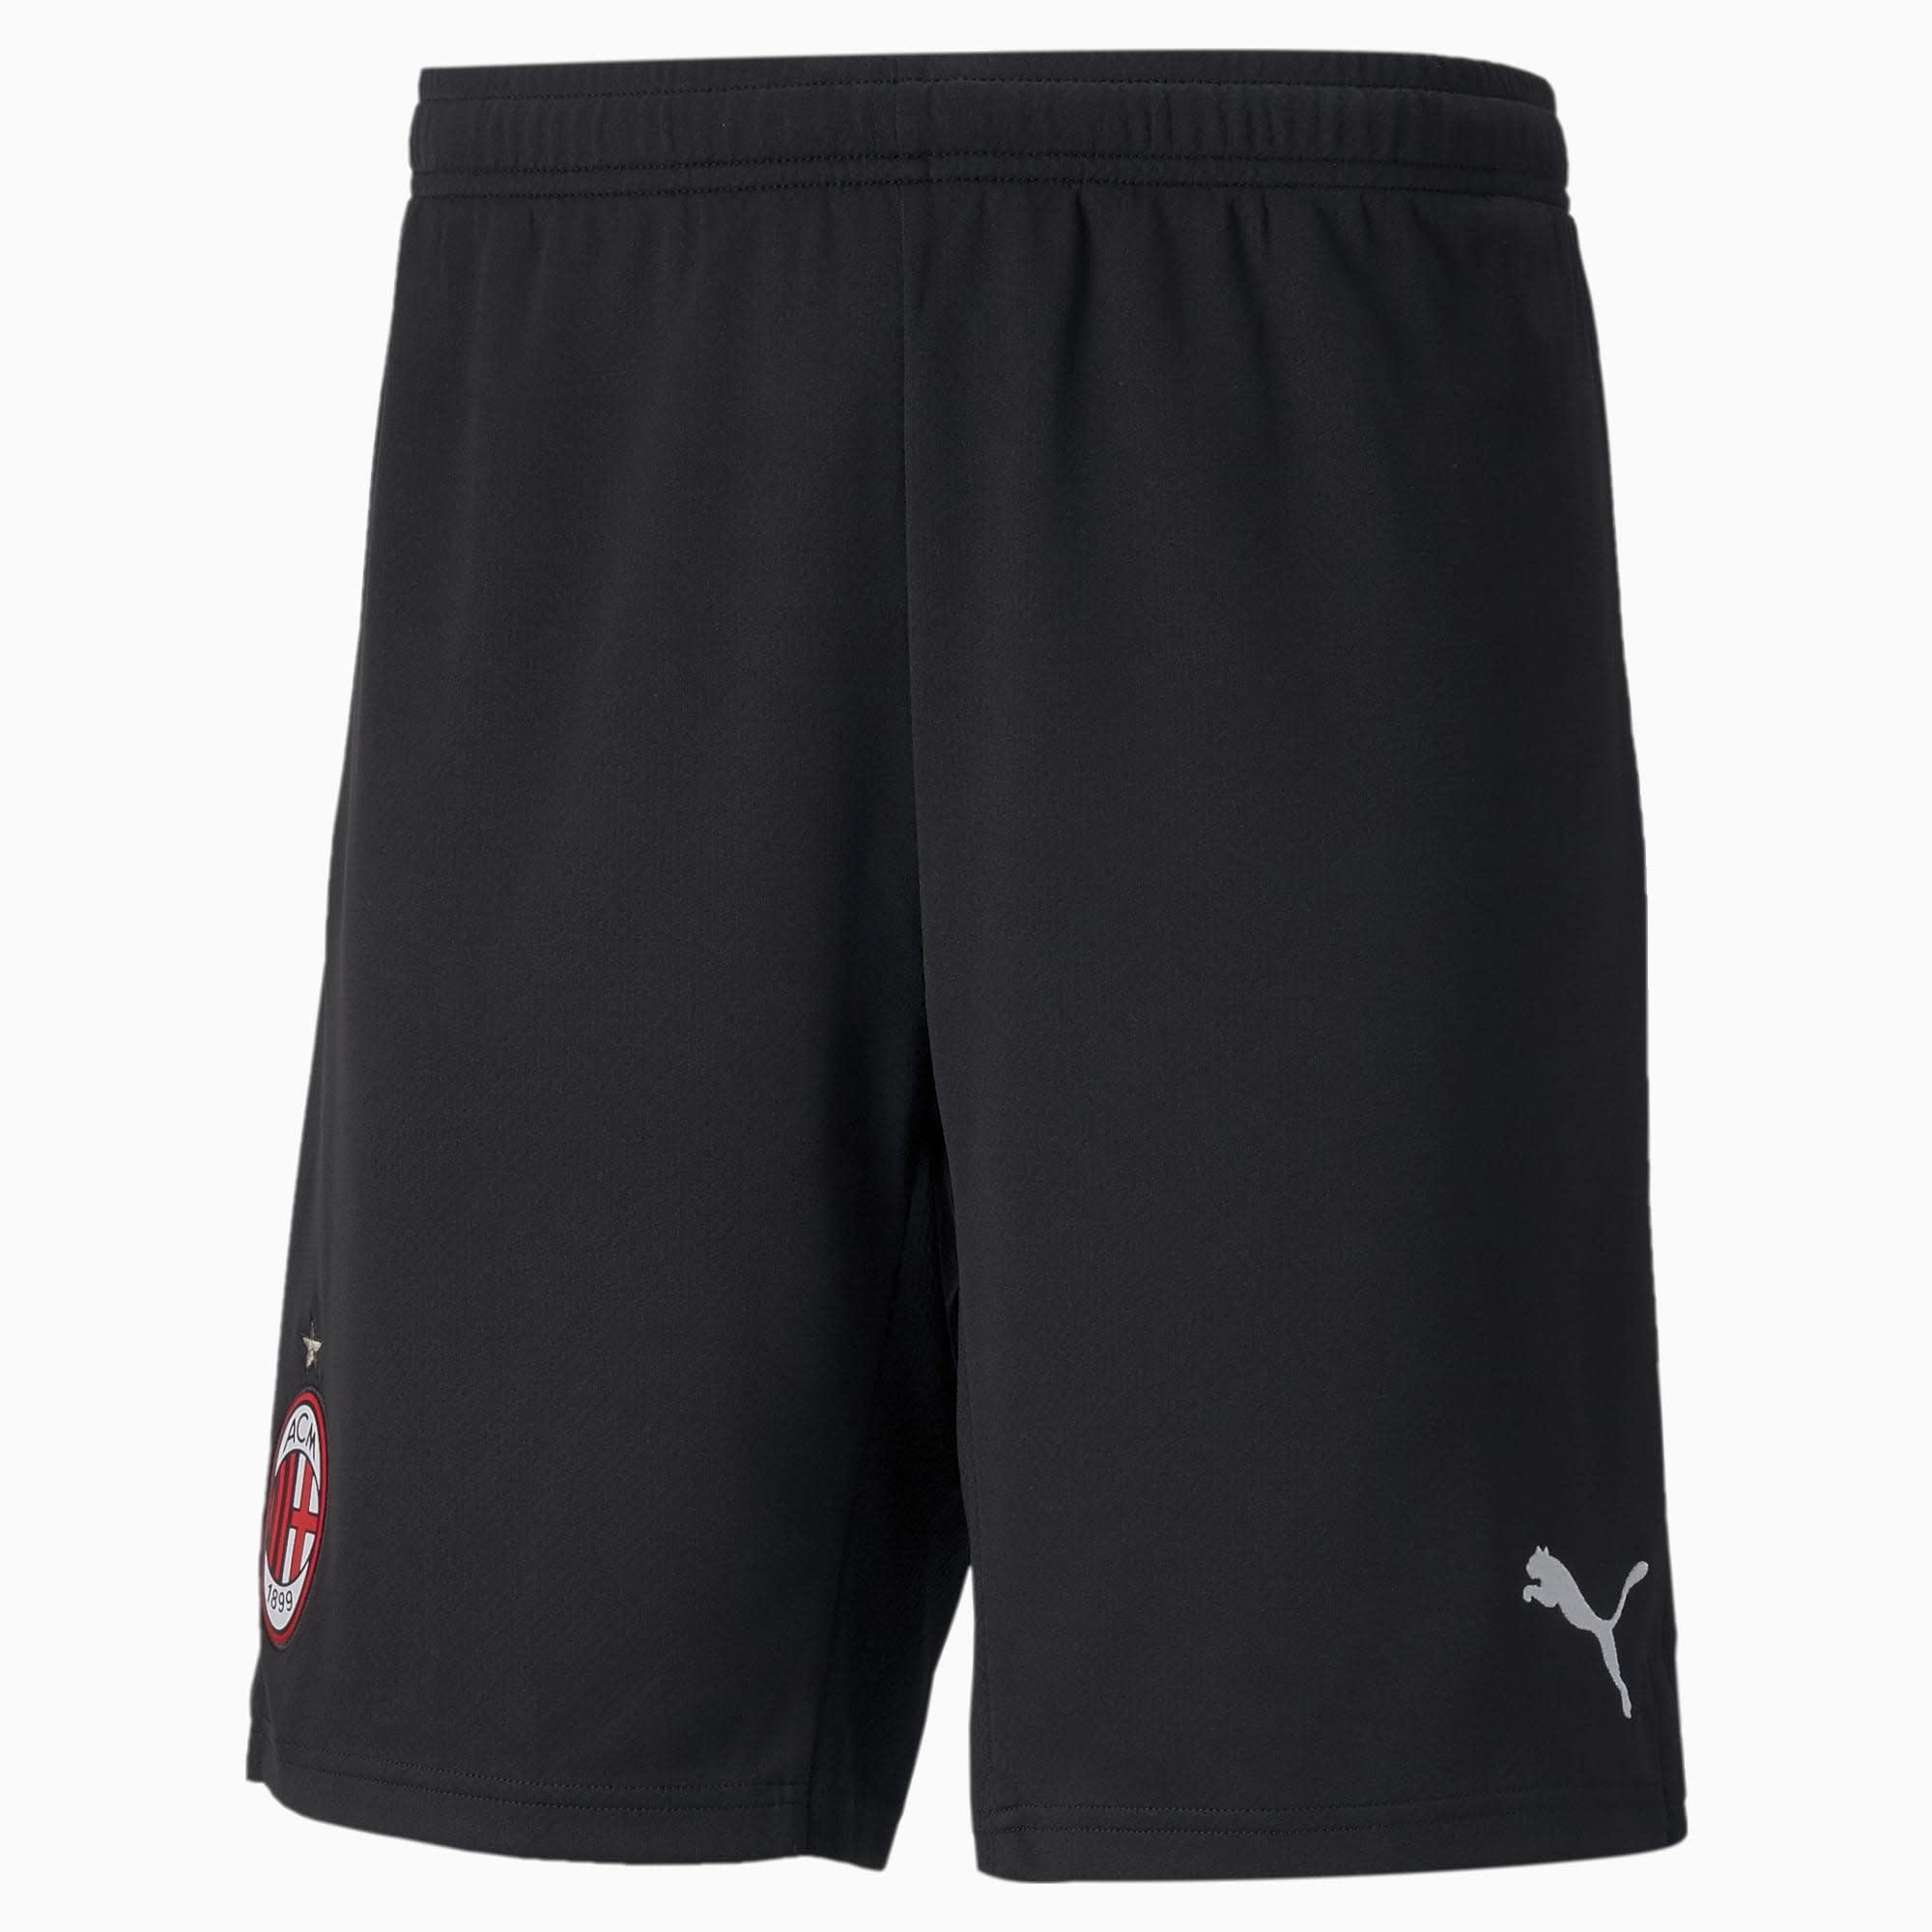 Puma AC Milan Home Short